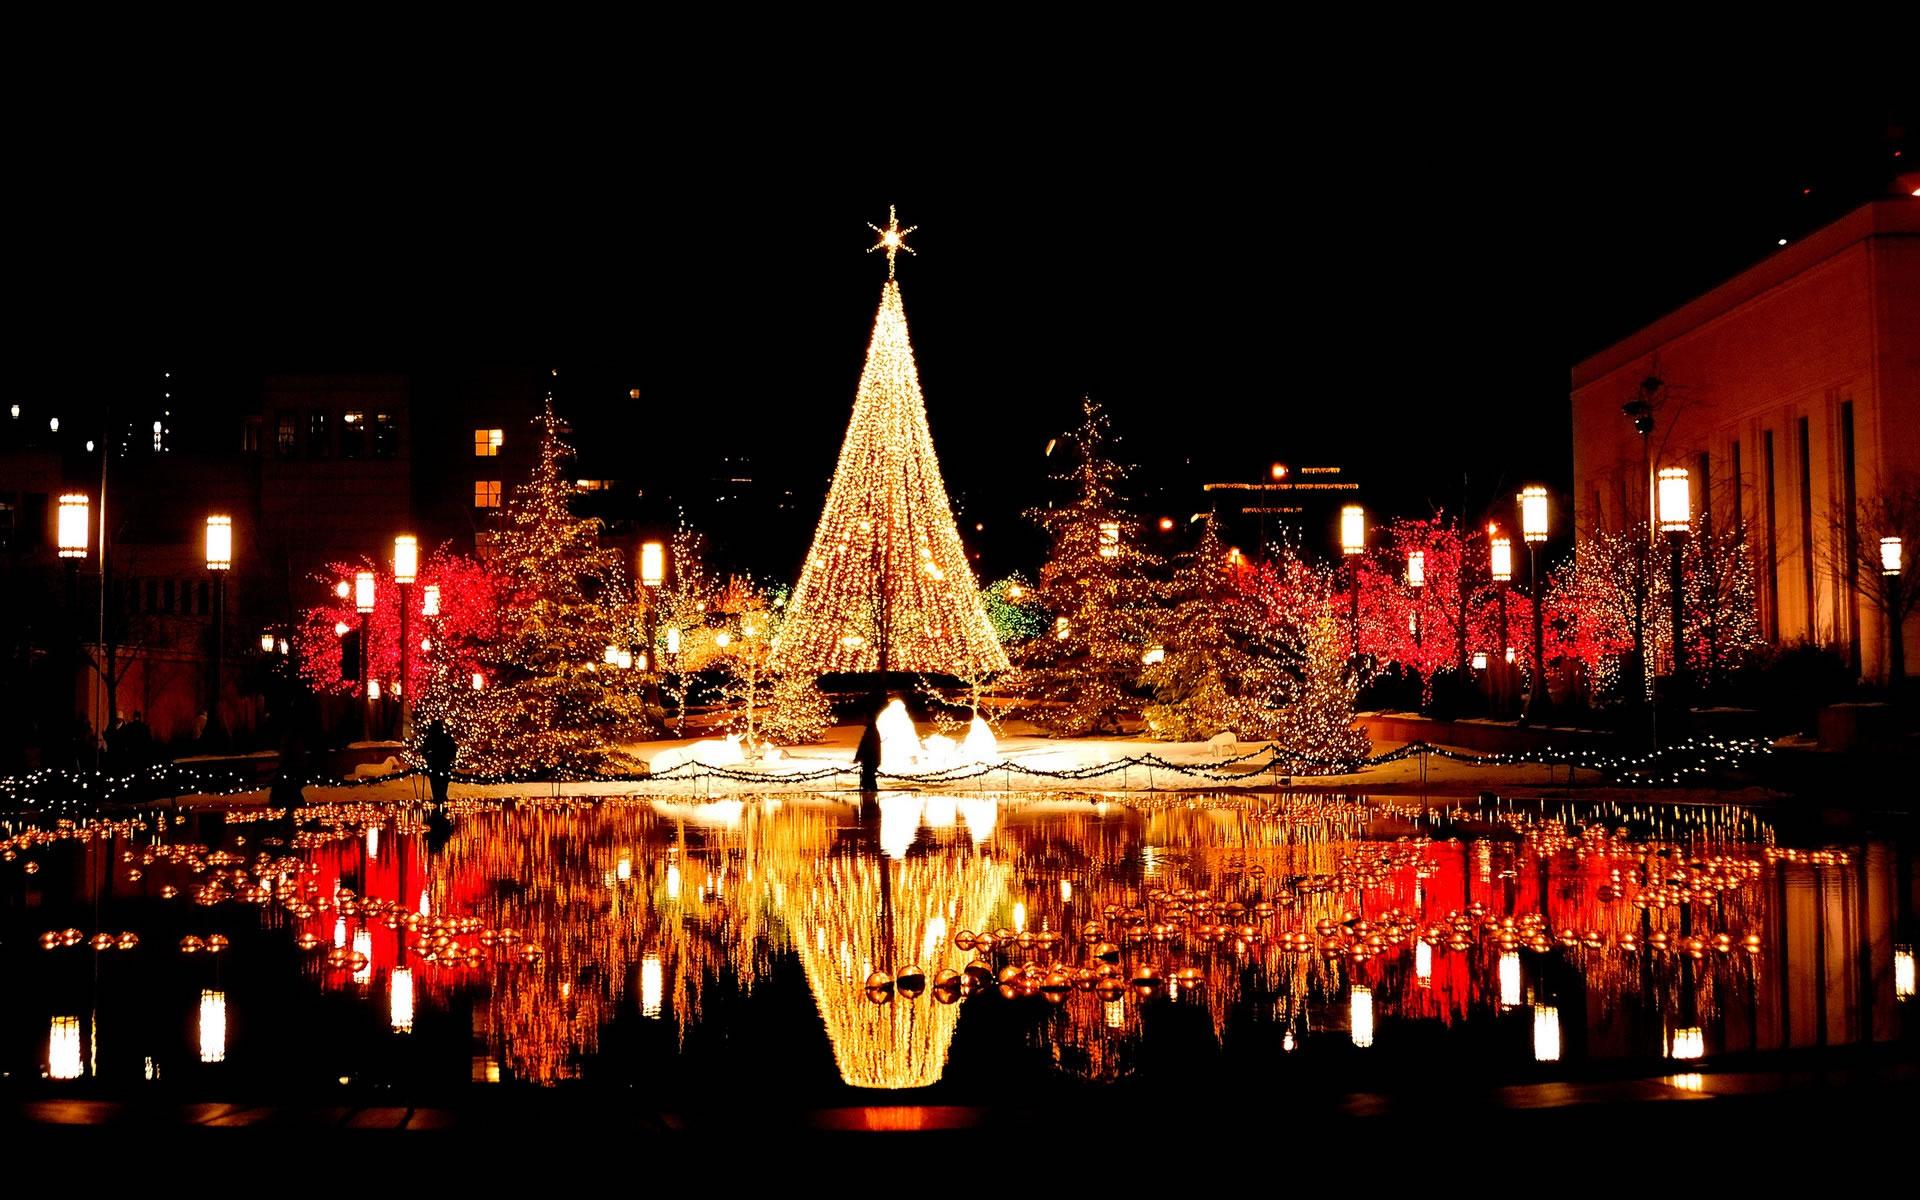 Ciudad con luces de Navidad  Wallpapers  Wallpapers